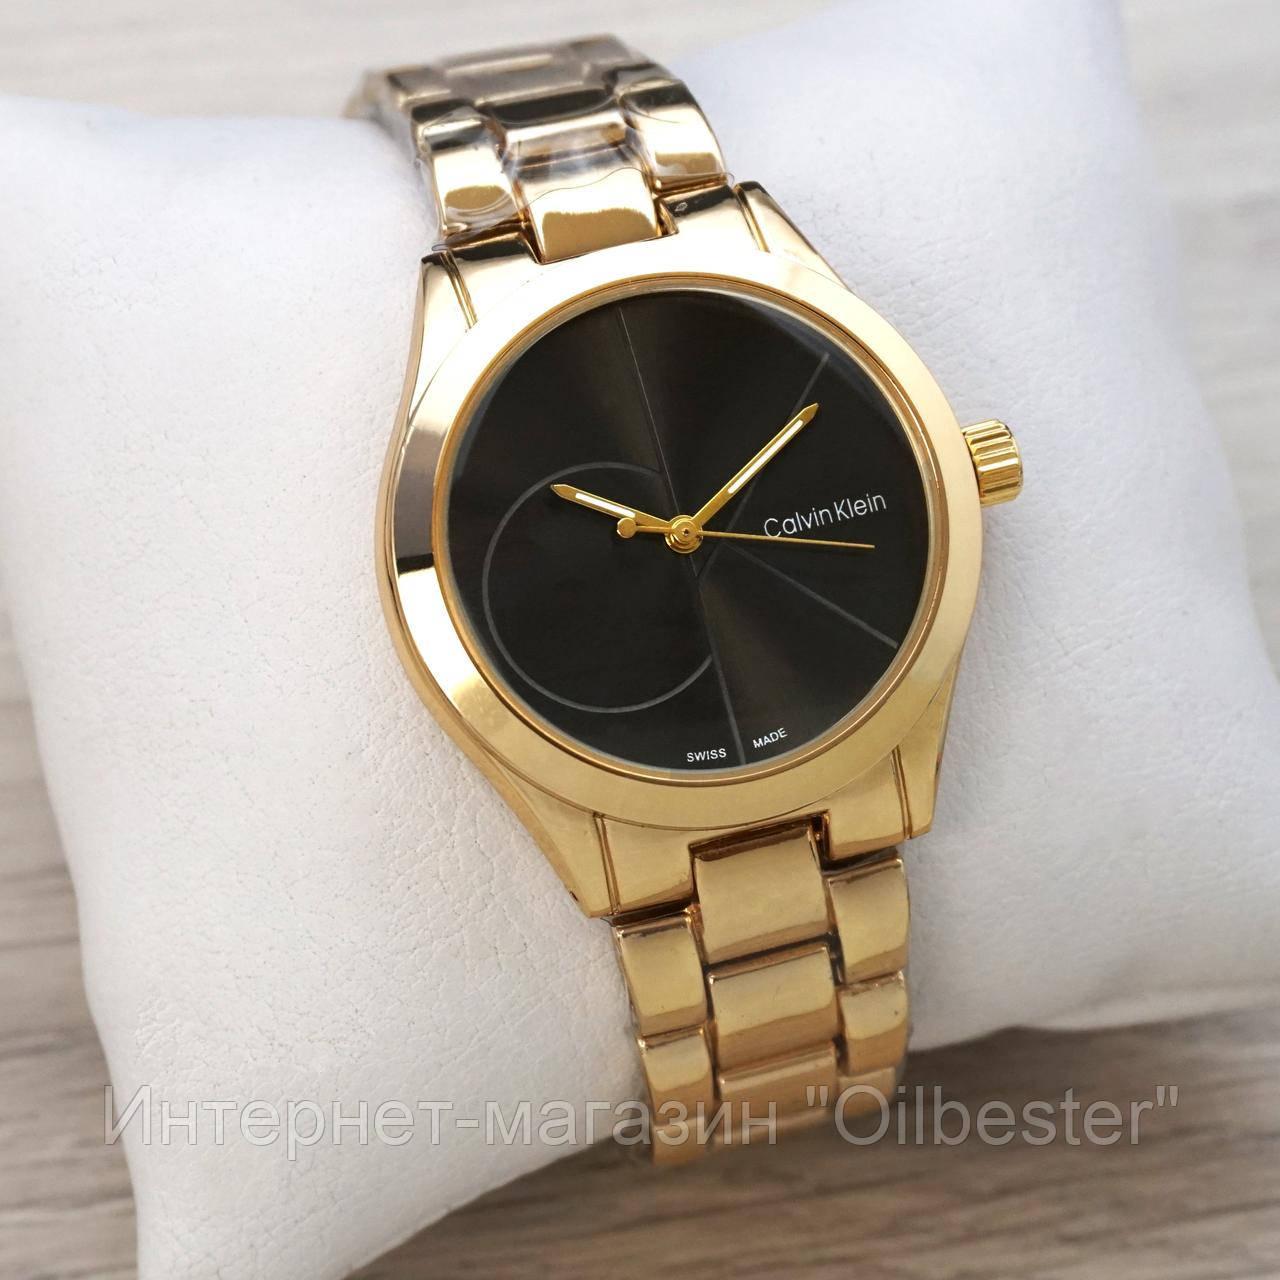 Ск стоимость часов rolex часы продать